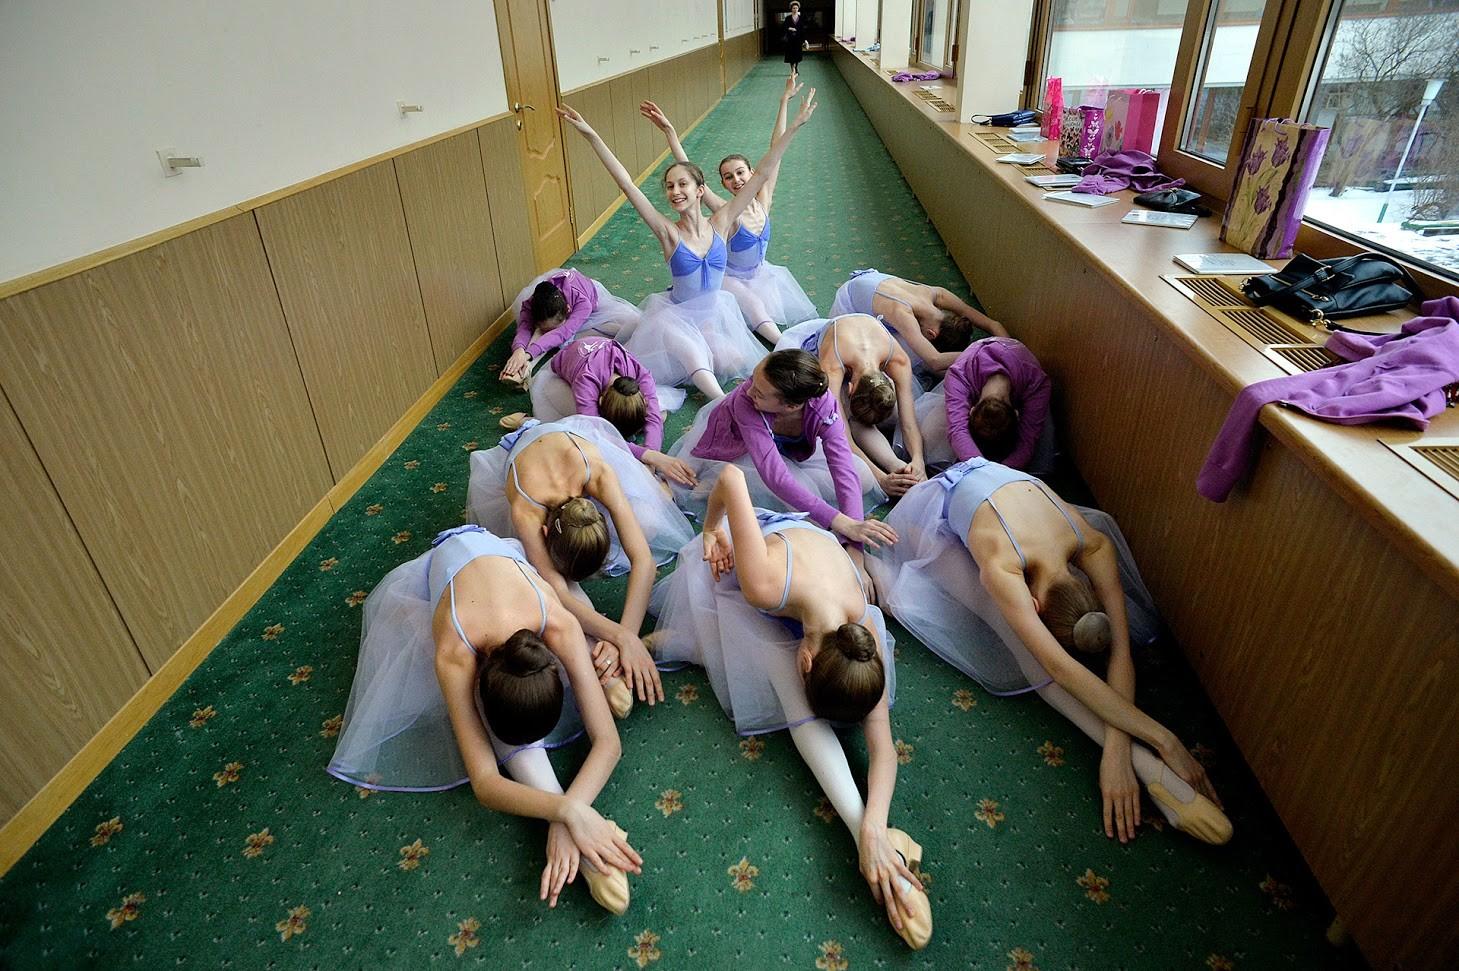 Ученици репетират в коридора преди час в Академията на Болшой театър.